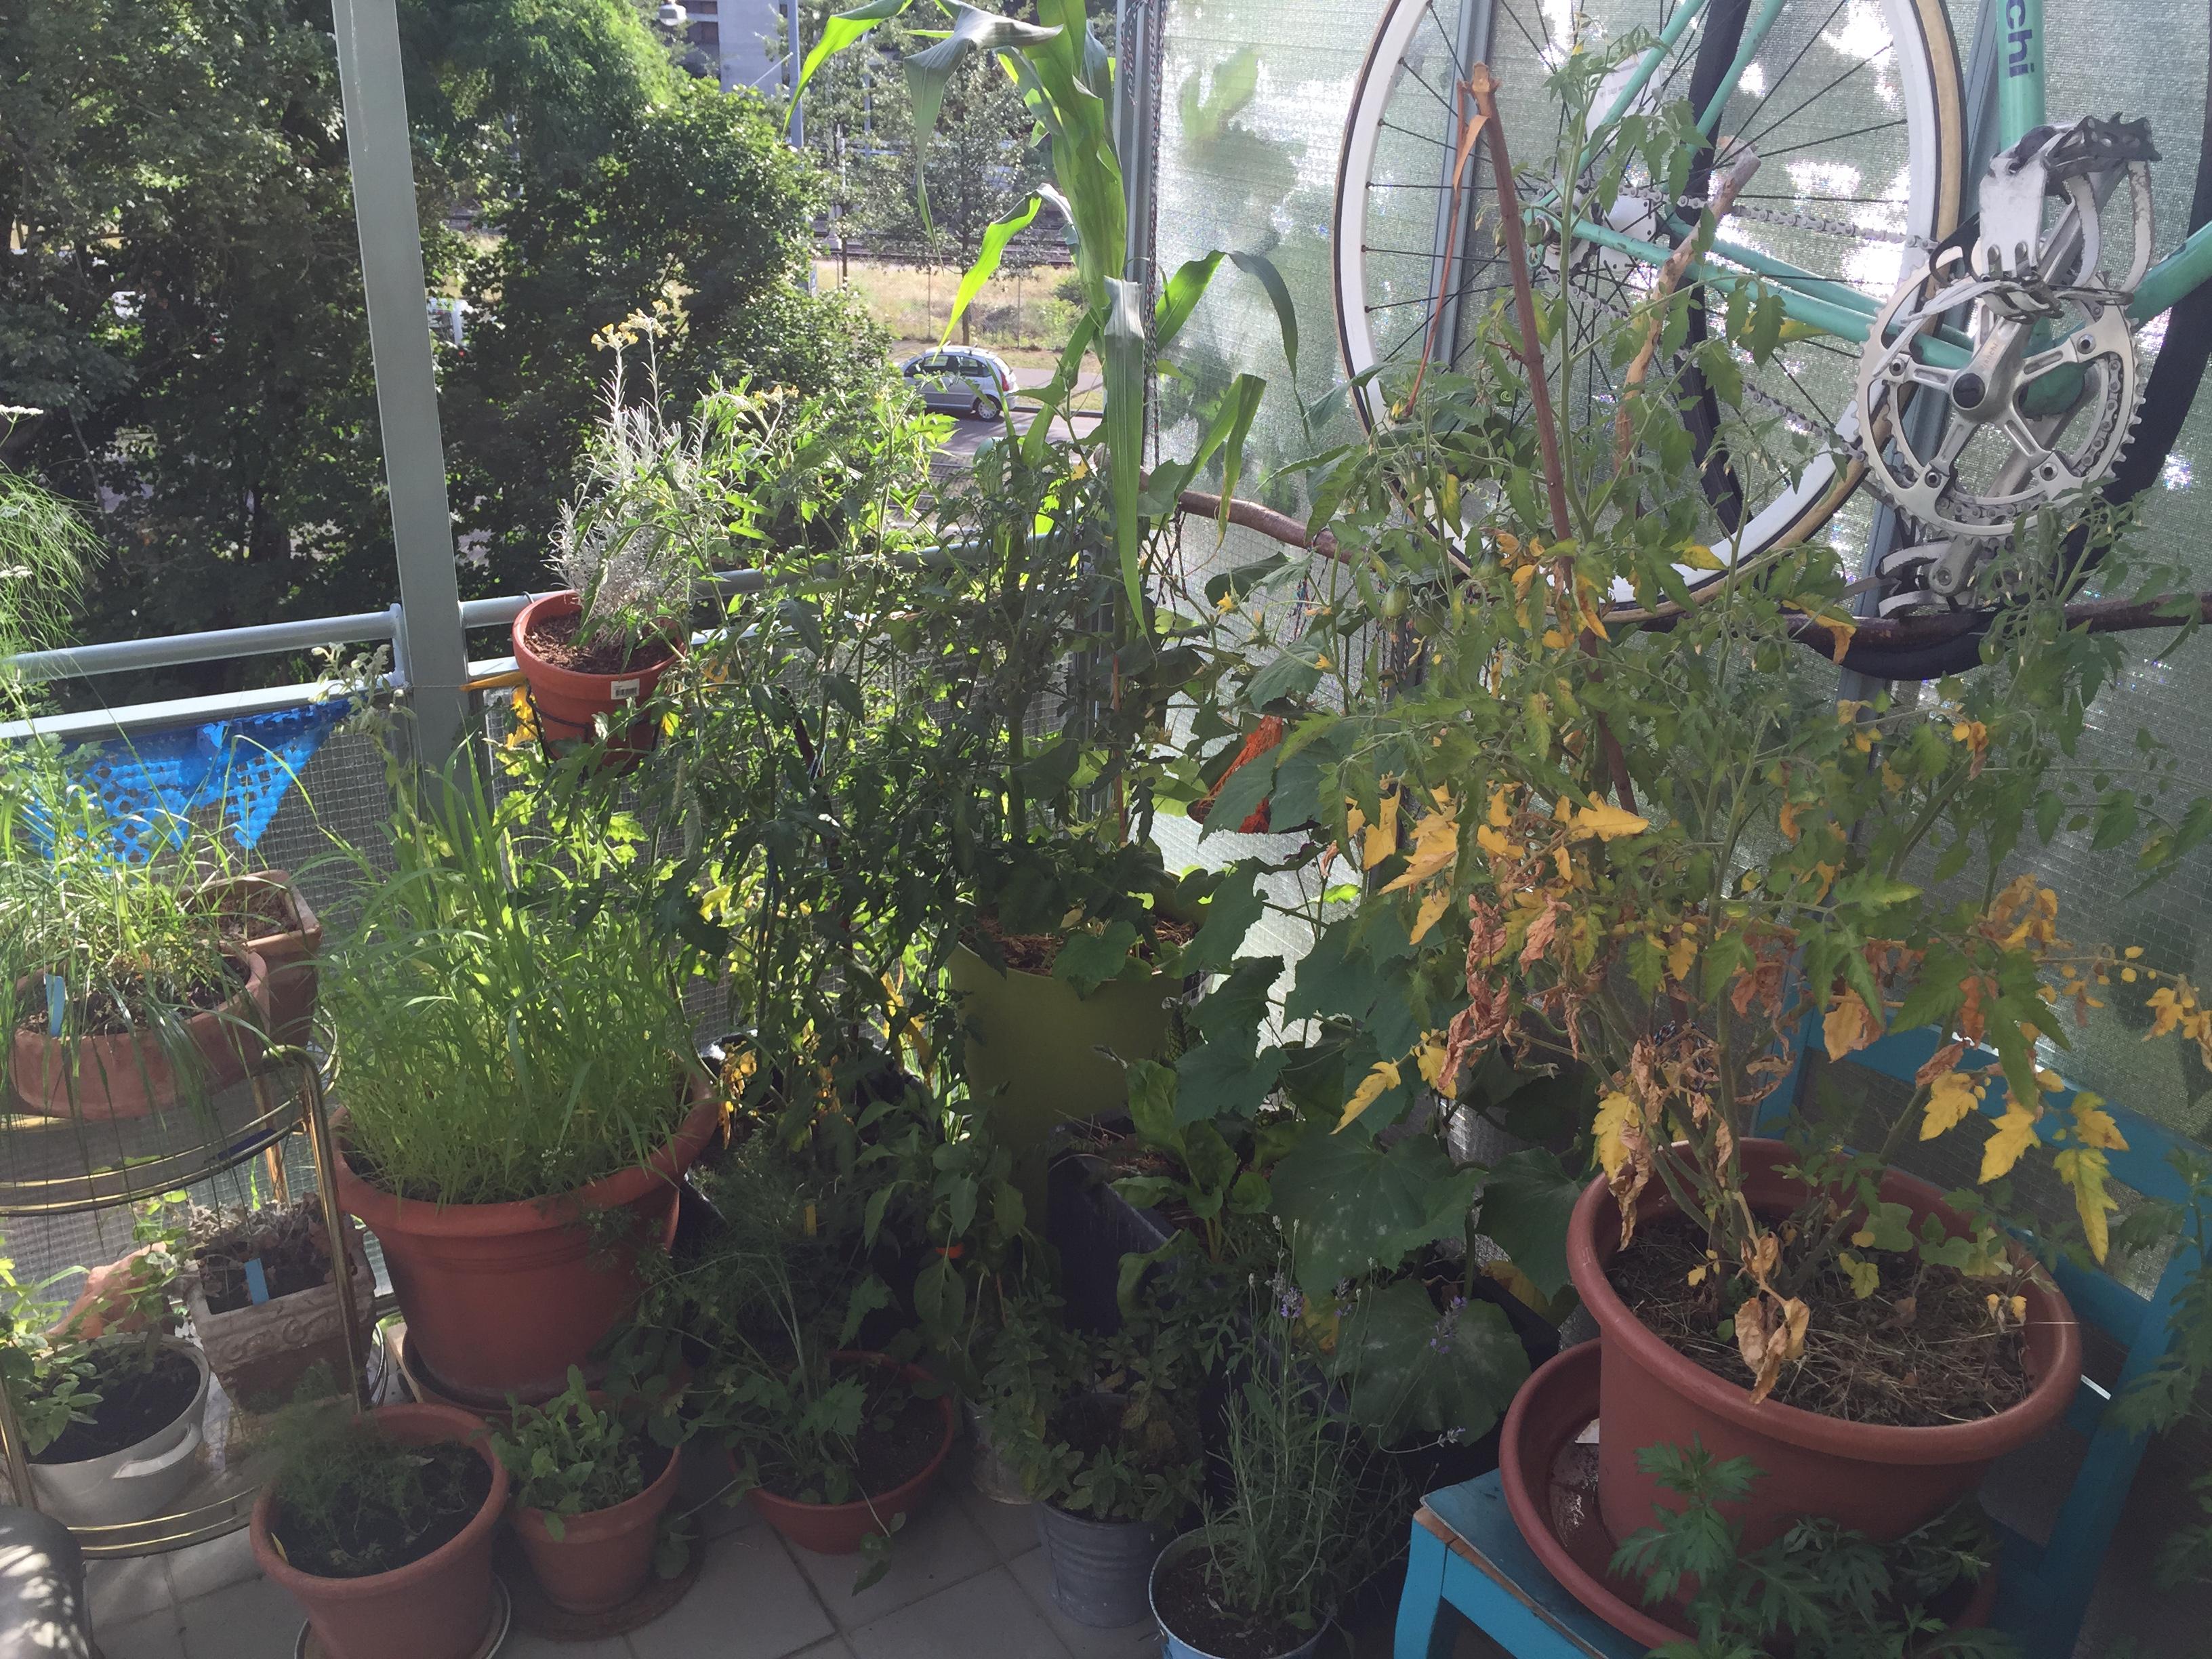 Auch hier bildet sich ein kleiner Tschungel, die gelben Blätter konnte ich mit Kaffesatz, Brenneseljauche in den Griff kriegen